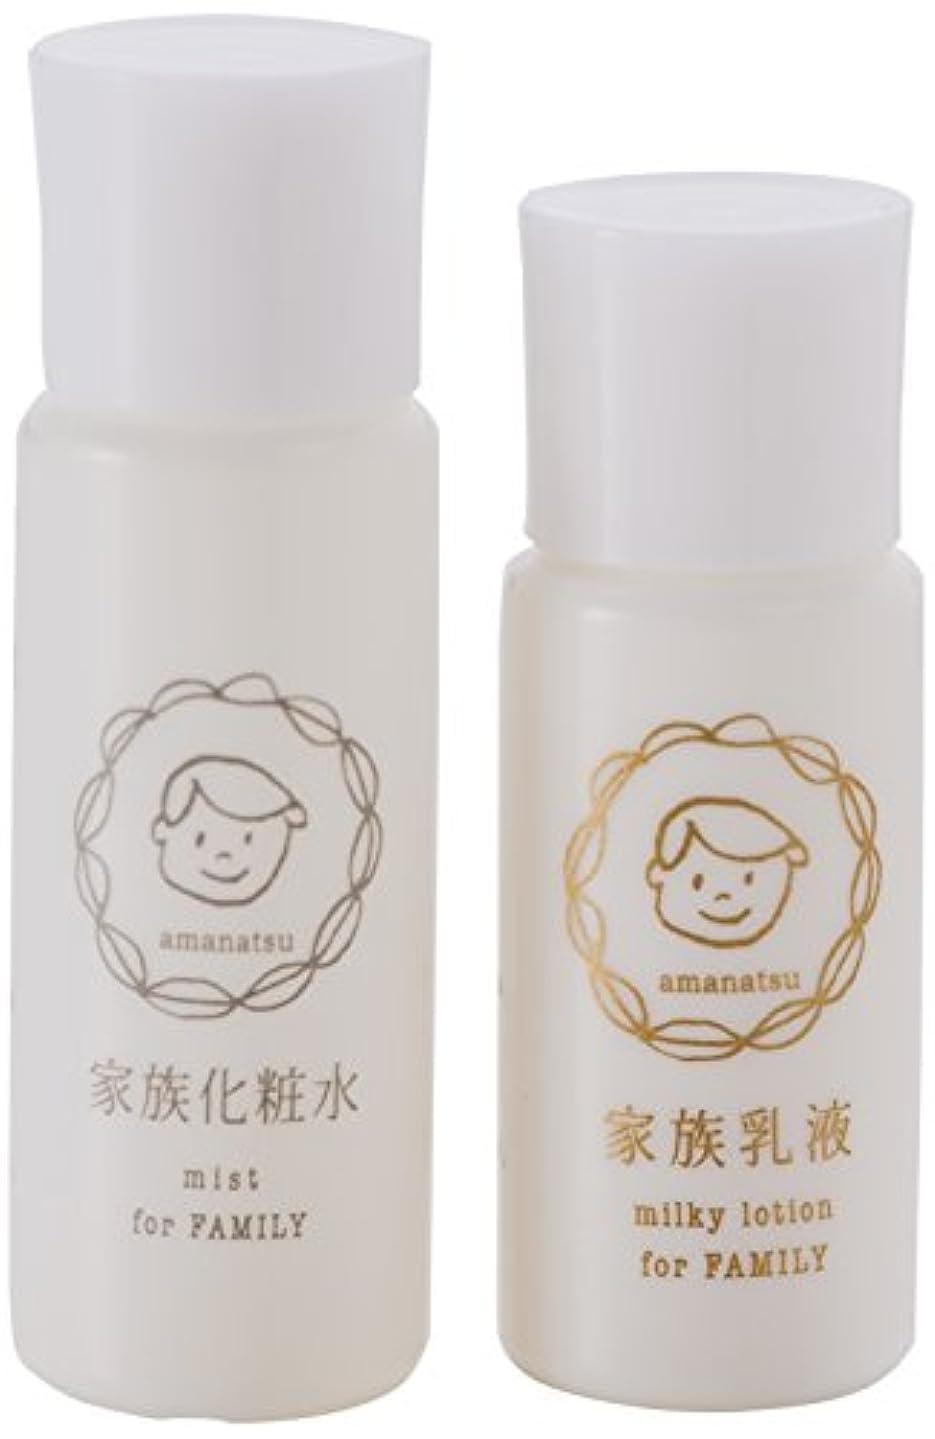 頑丈愛情ピラミッドyaetoco トライアルセット(化粧水?乳液) 甘夏10ml/8ml